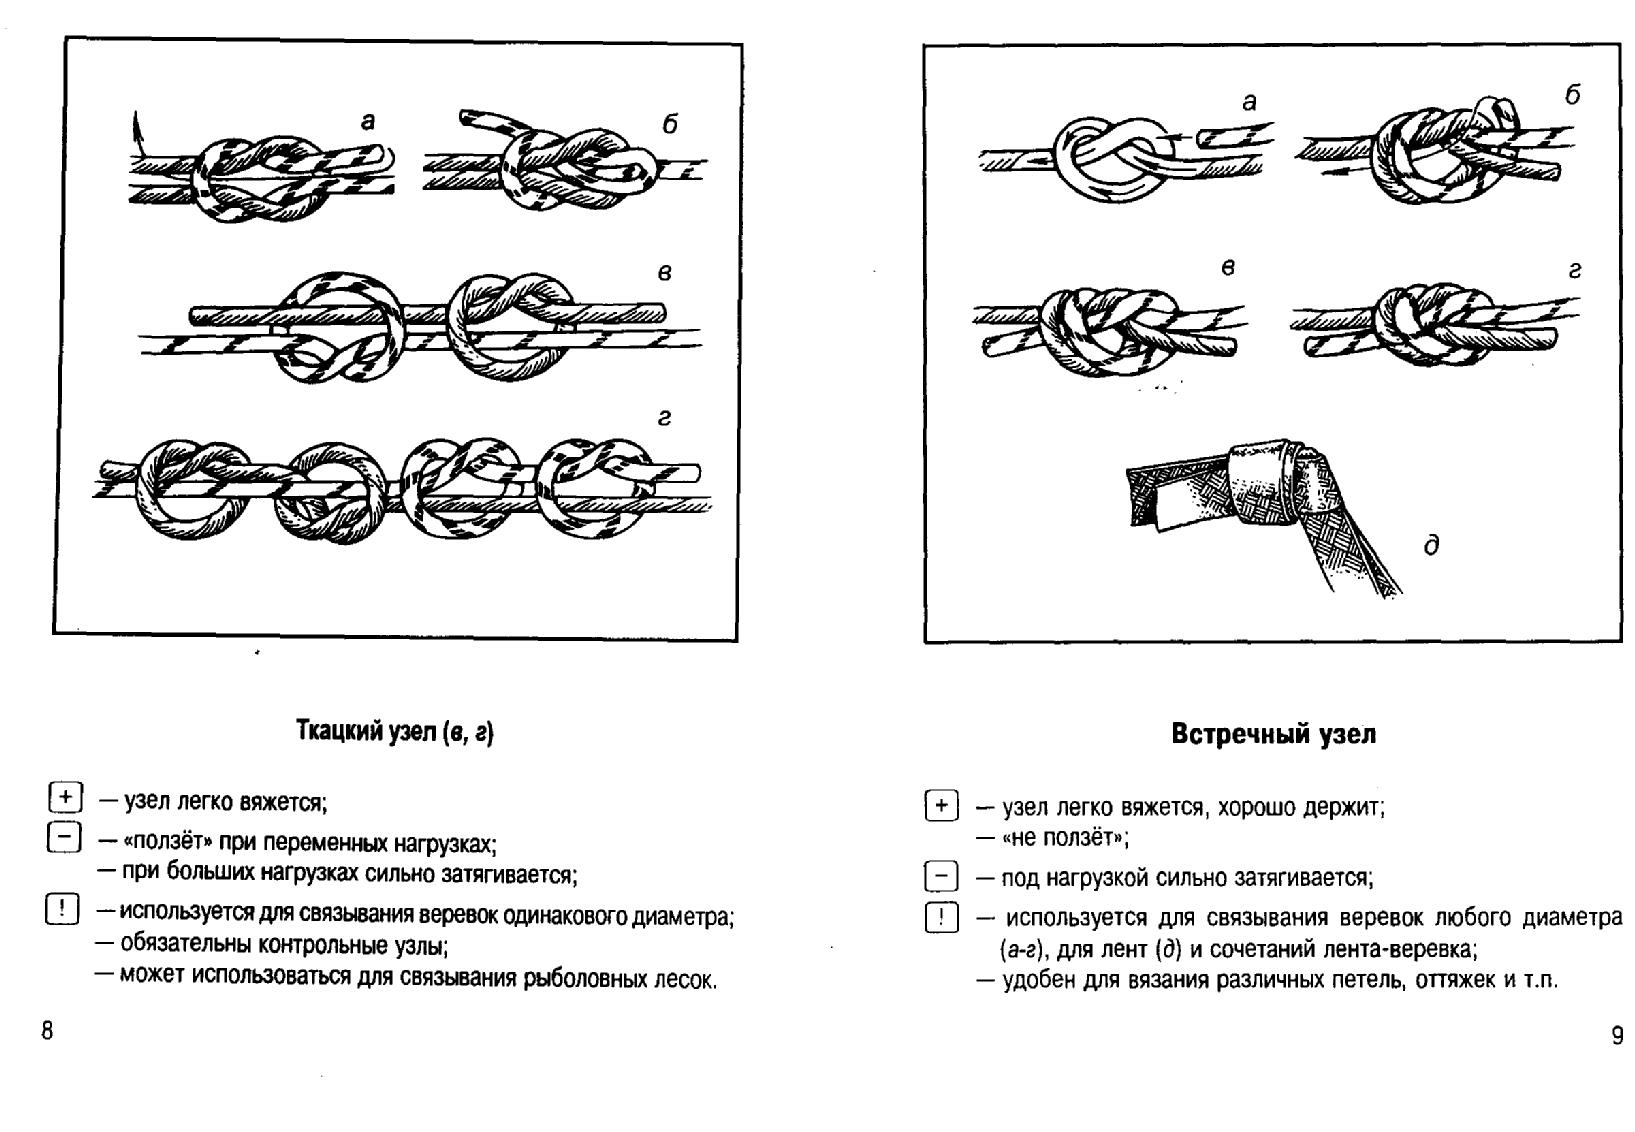 Схемы вязания туристических узлов с названиями 1